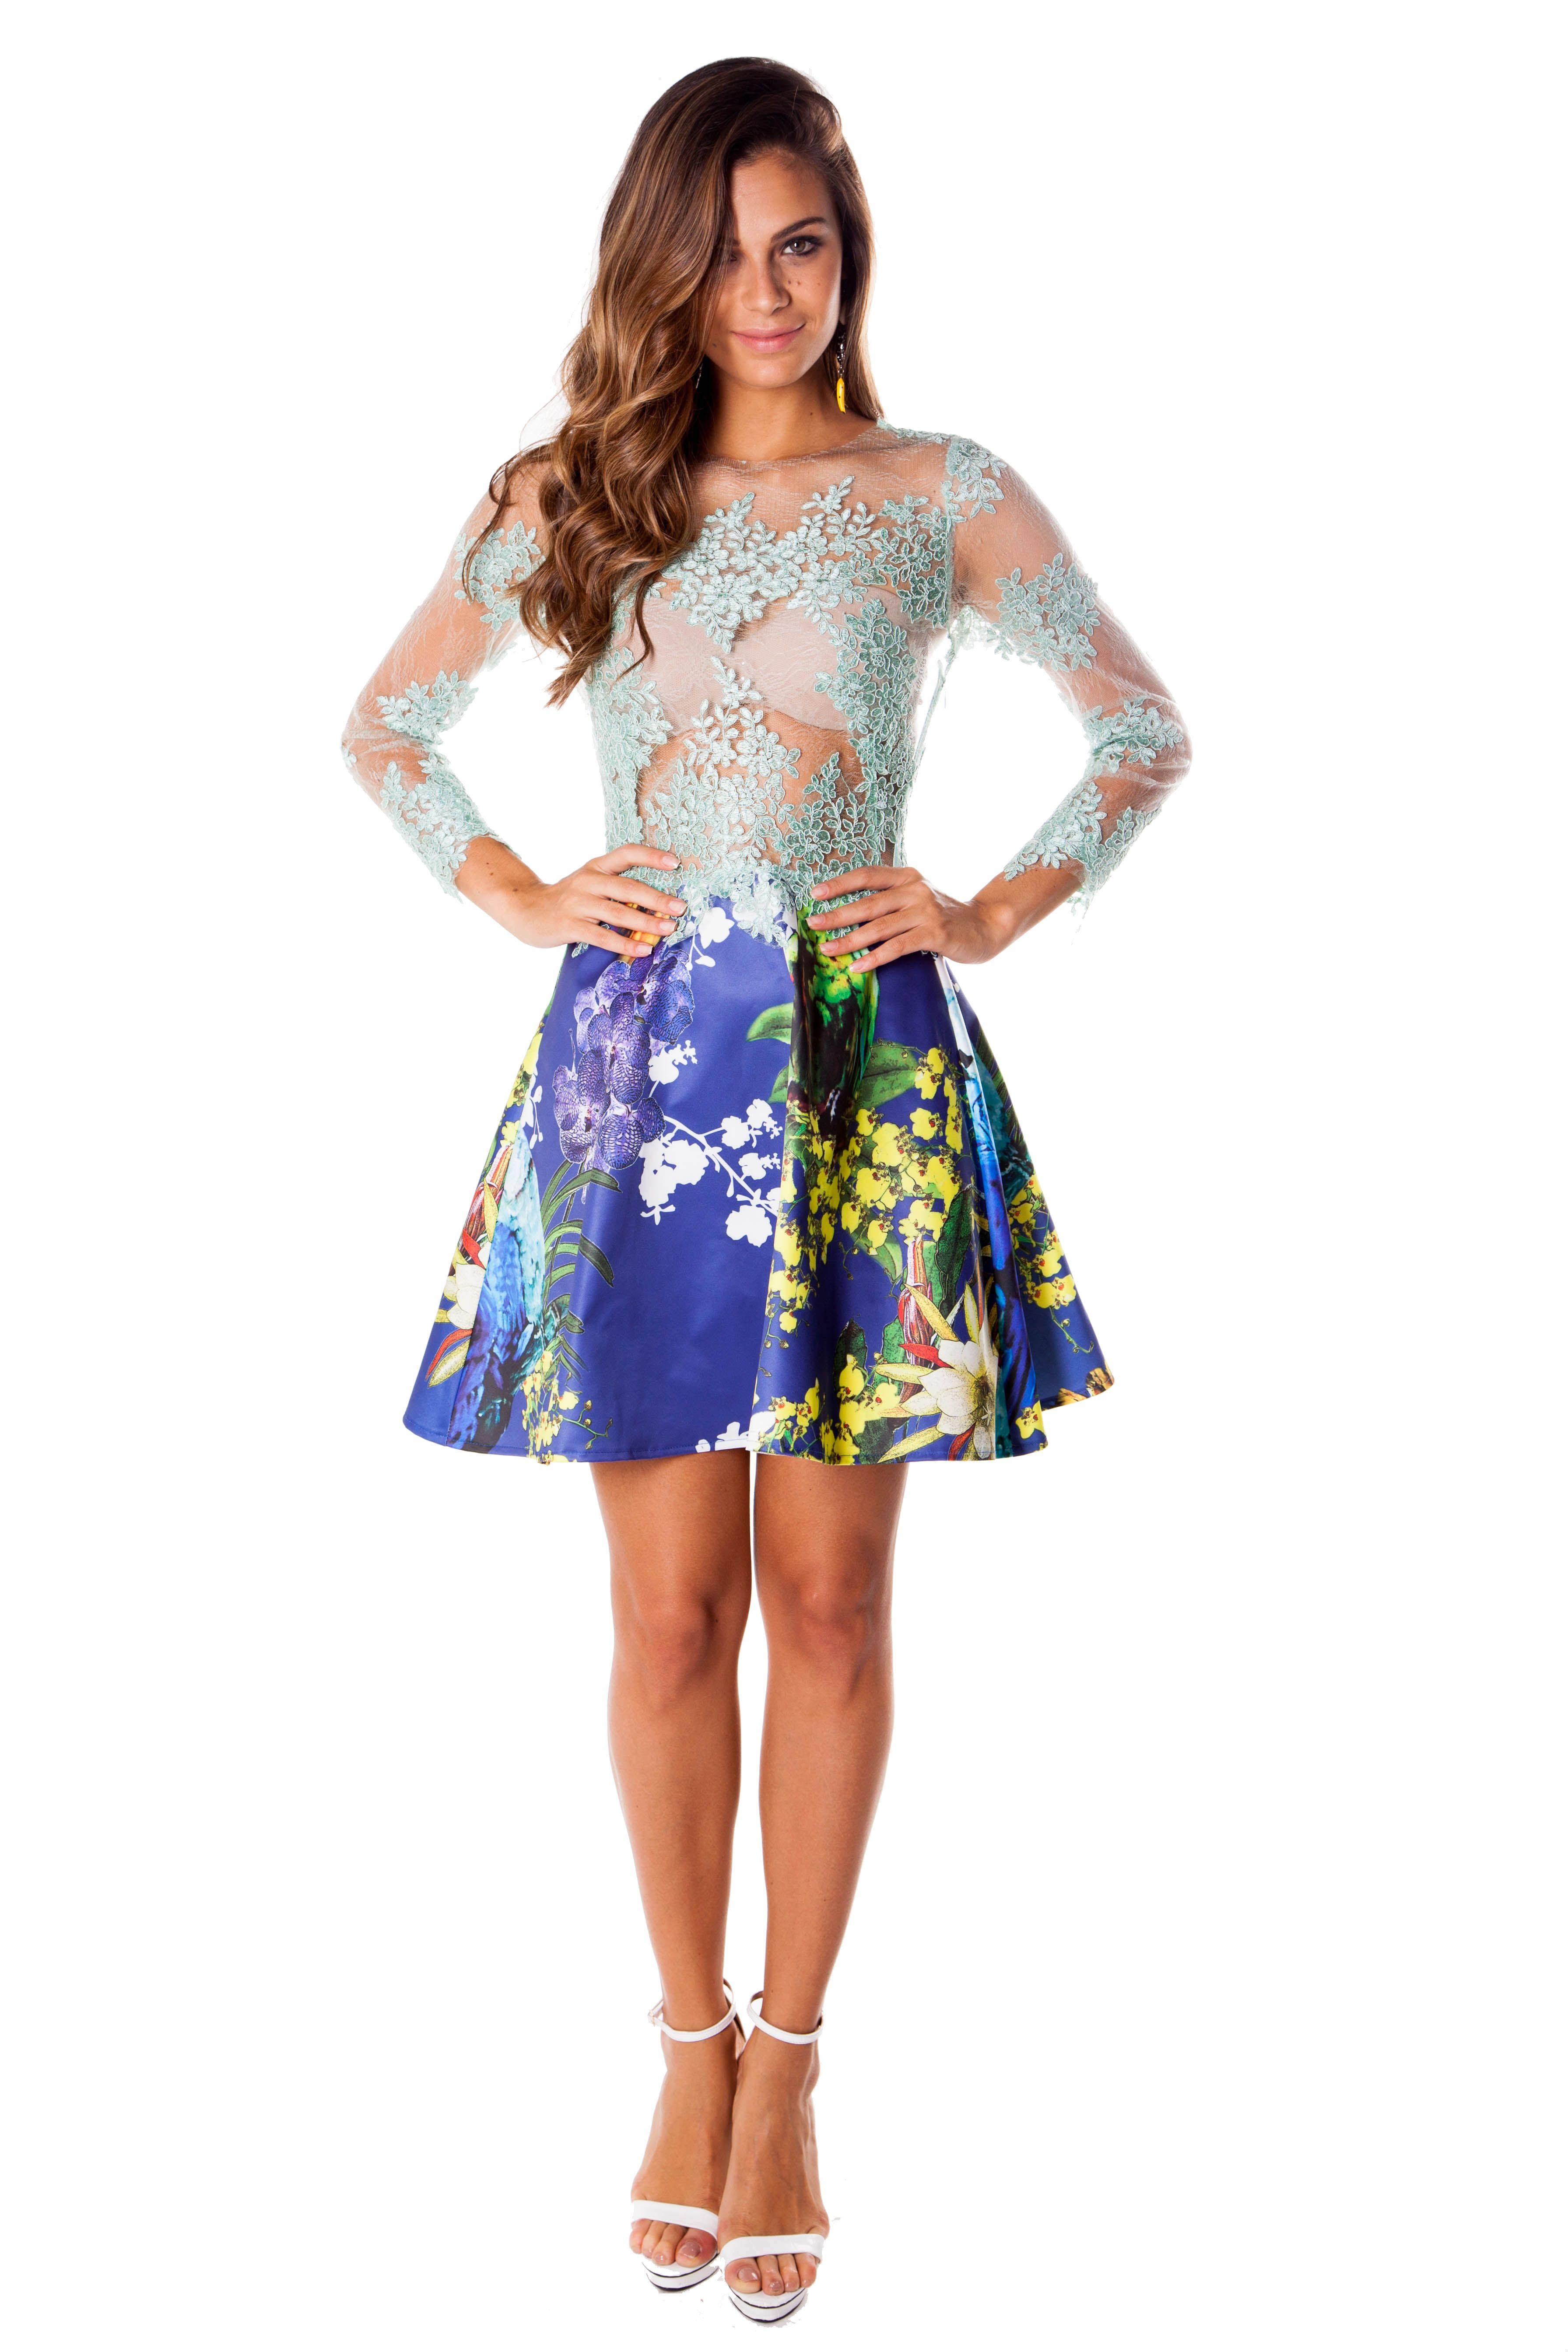 Vestido Jericoacoara Bahia, Sandália Must Have.  #lançamento #fériasdouradas #summer #clothes #lookbook #fashion #lavibh #dress #jericoacoara #renda #lace #acessórioslavi #shoeslovers